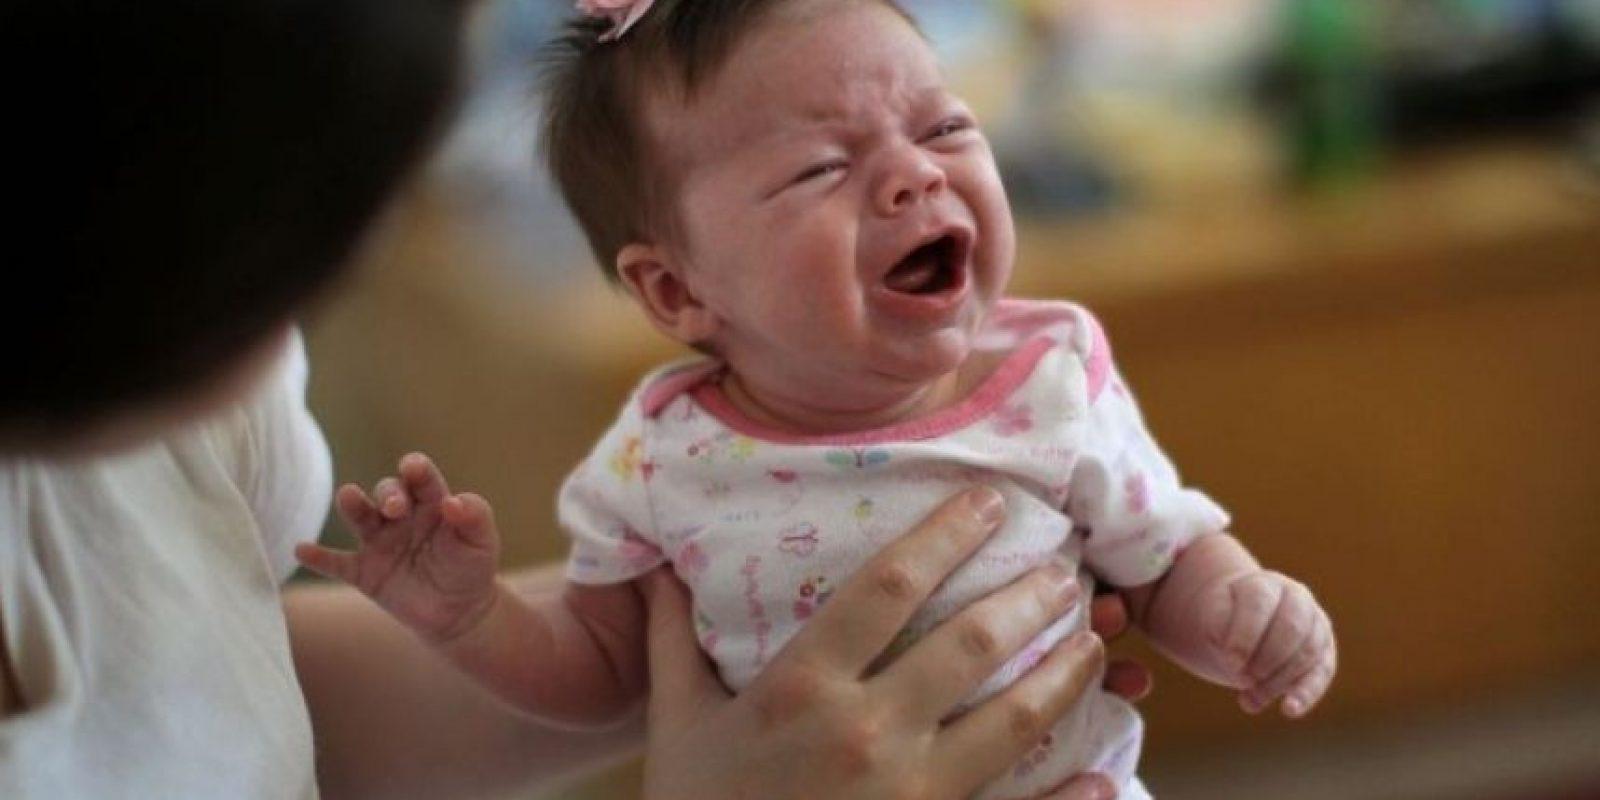 La recién nacida Amel se convirtió en una víctima más de la violencia en Siria, pues su madre fue herida durante un bombardeo encontrándose embarazada de nueve meses. Foto:Getty Images